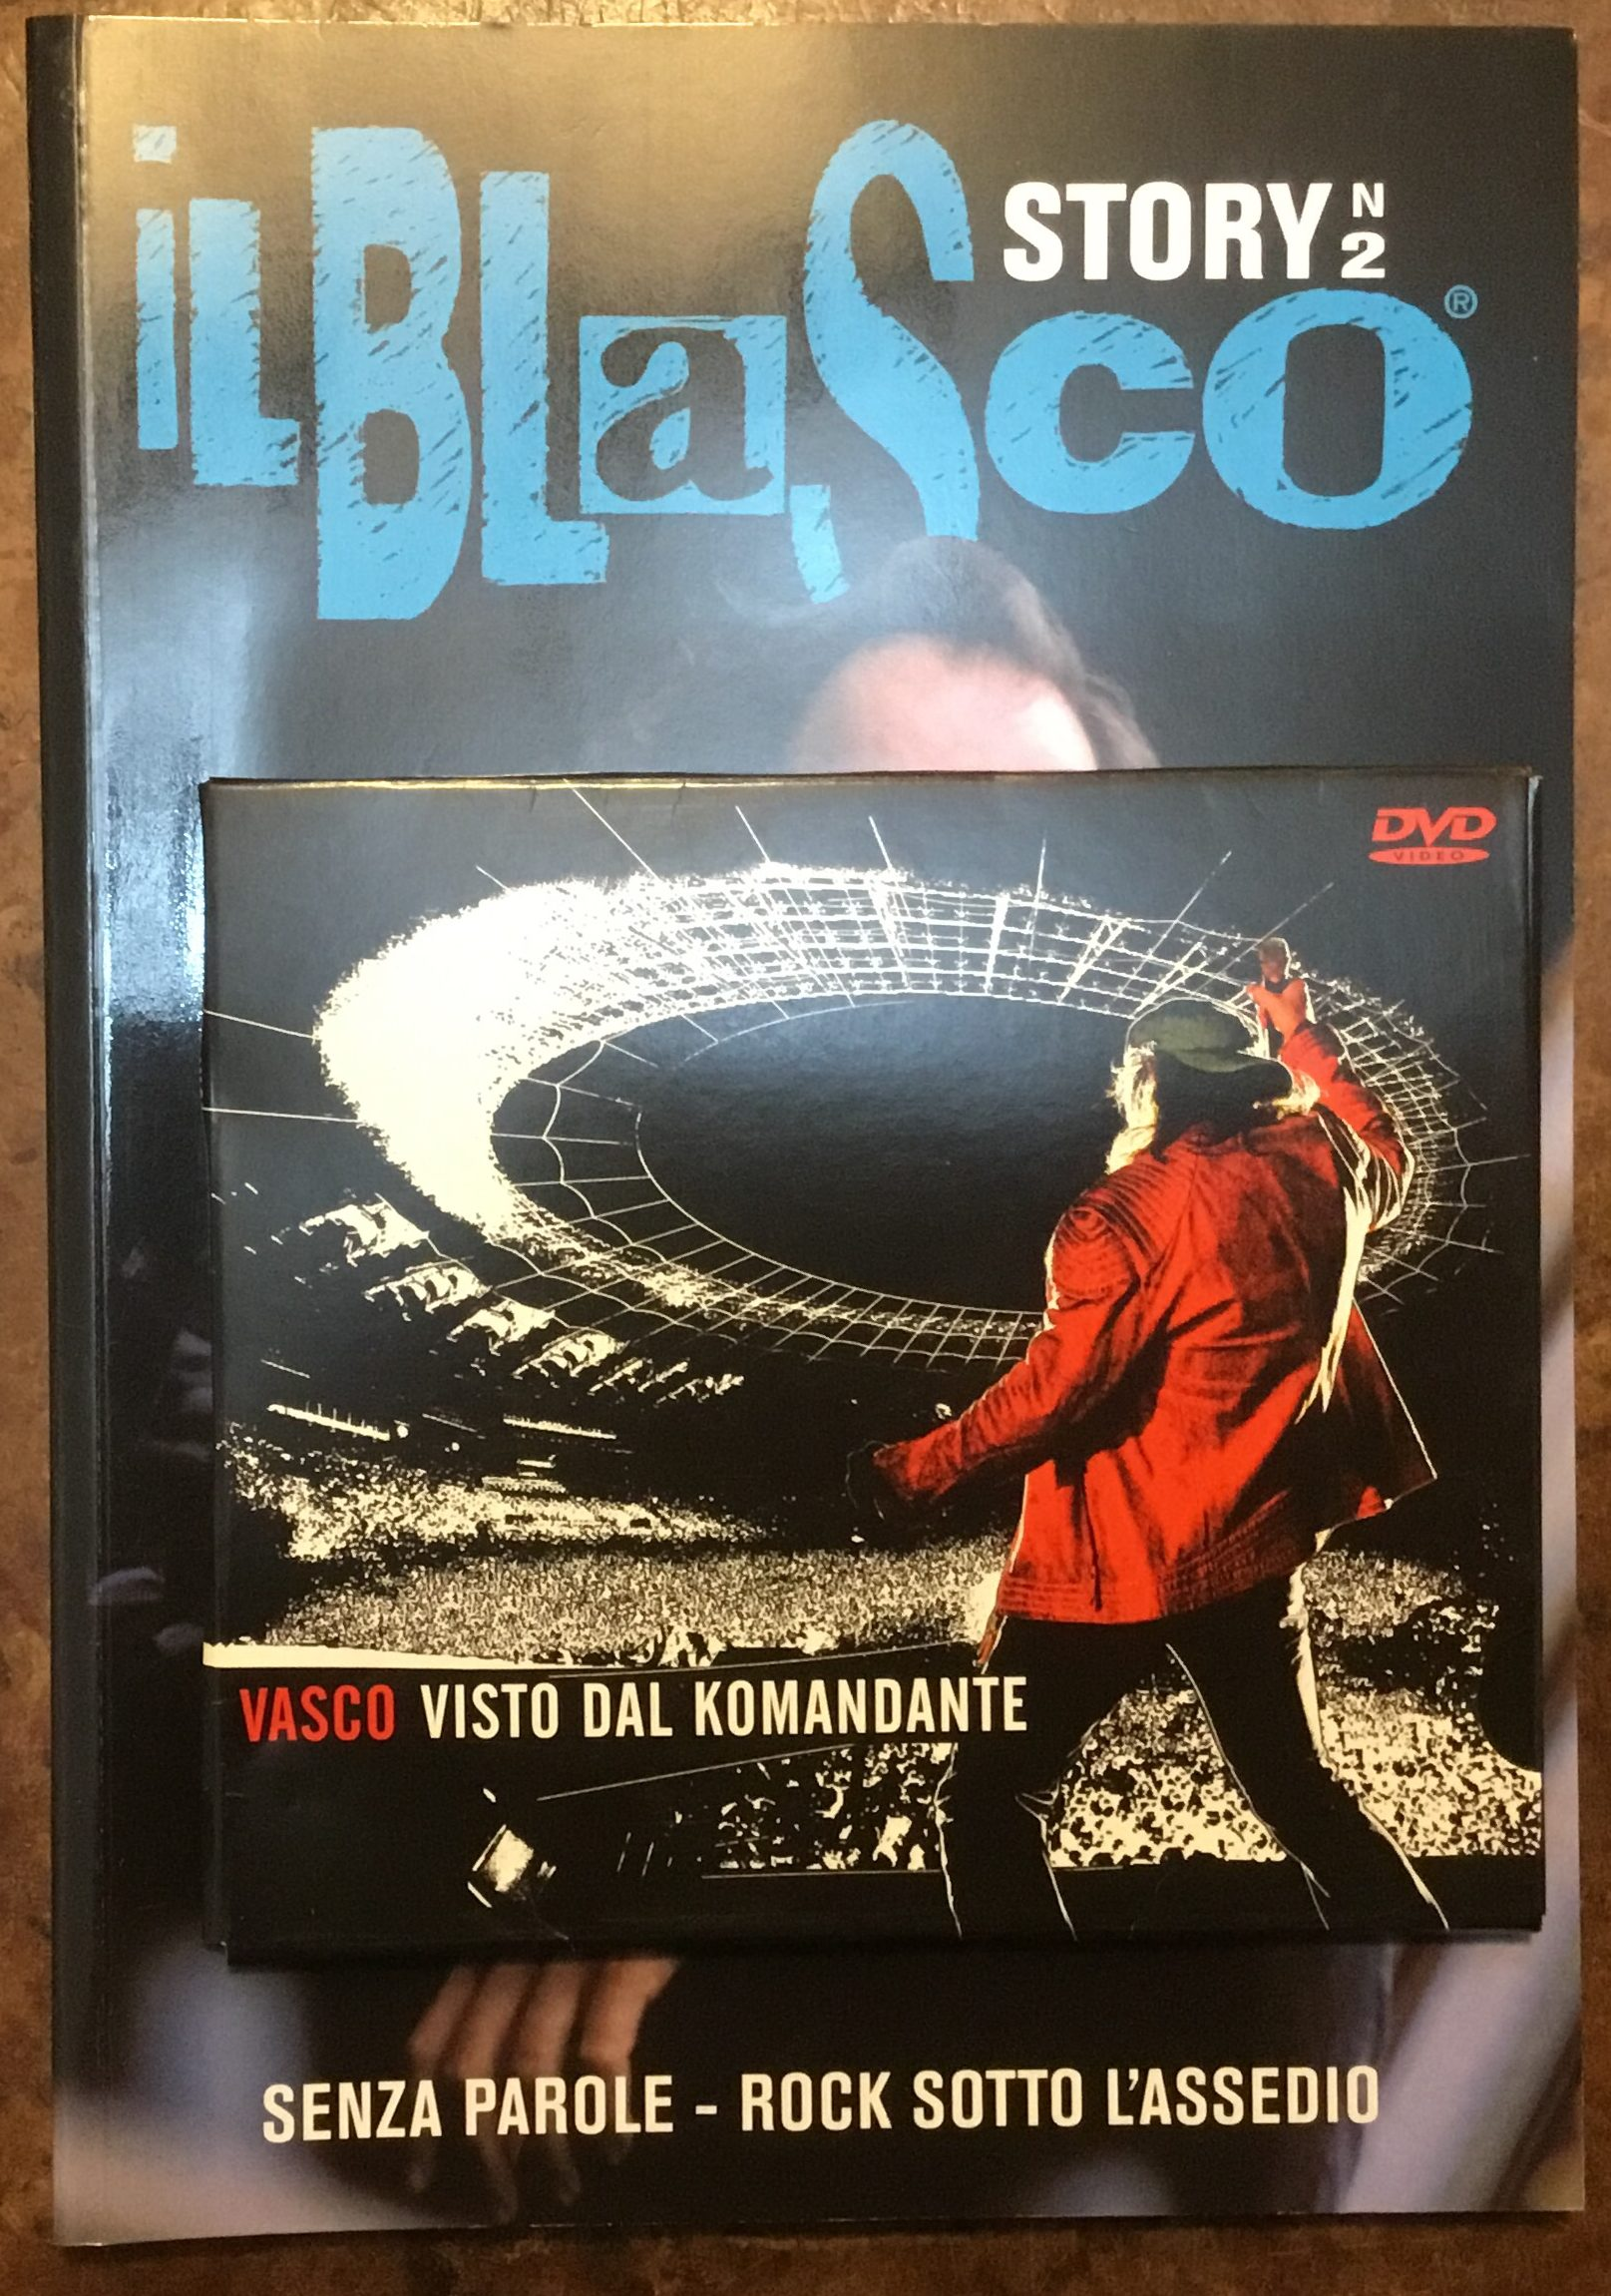 Il Blasco Story n.3, Rivista con allegato DVD 'Quello che non si potrebbe' (Dest. Editoriale)